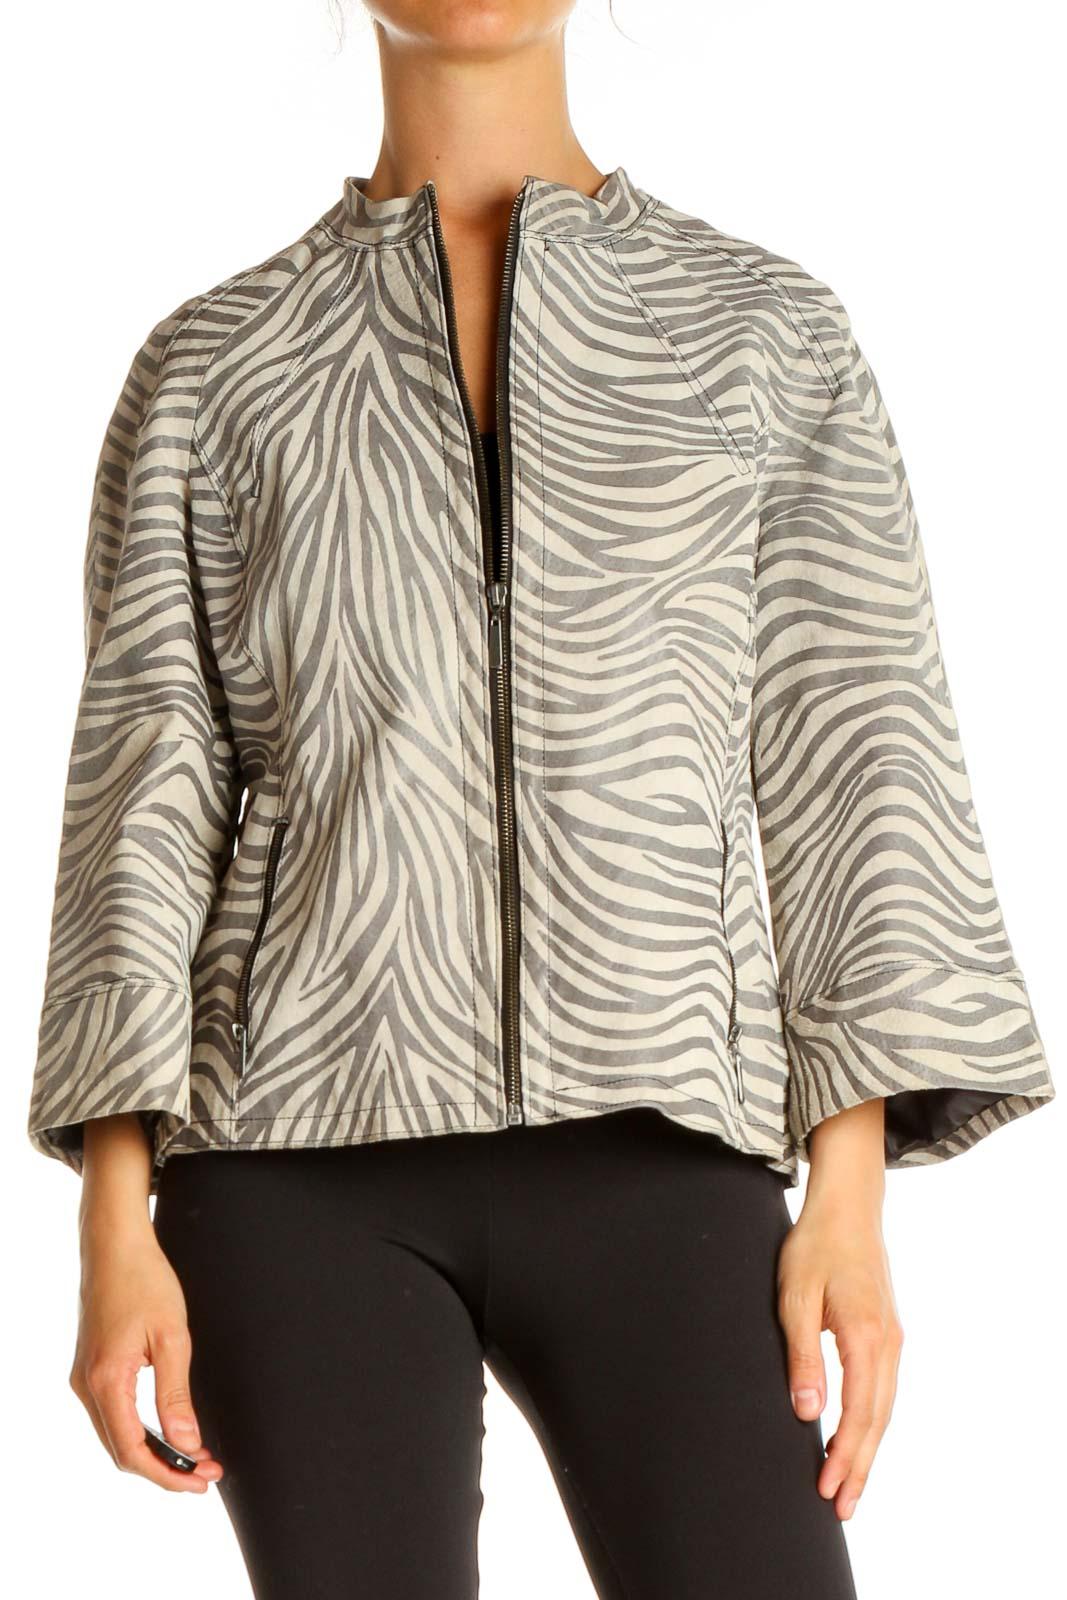 Beige Zebra Print Jacket Front